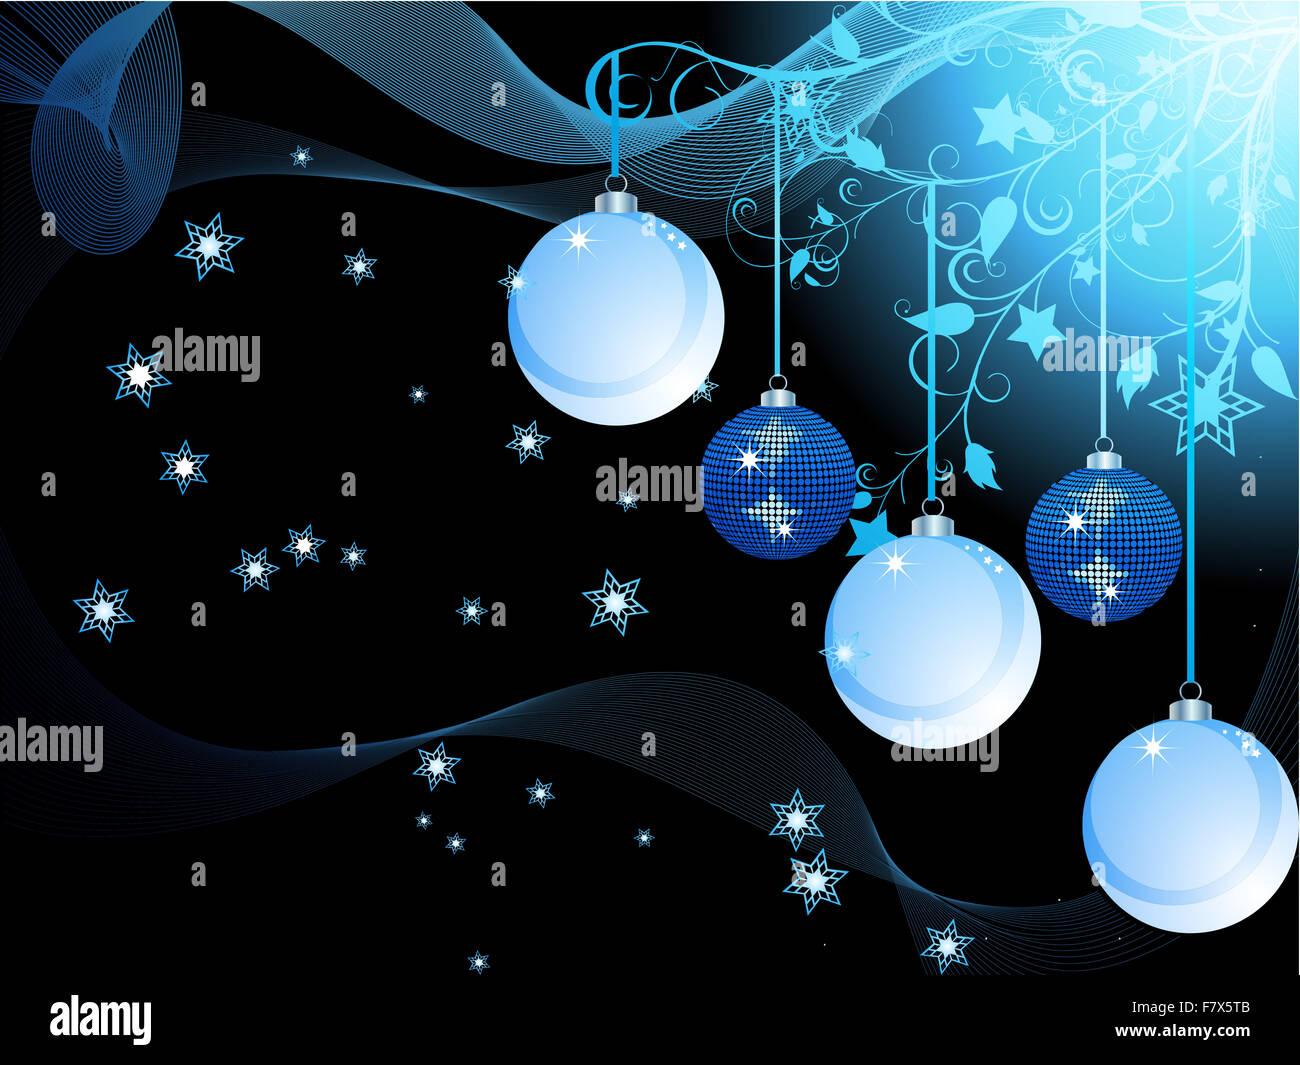 Christbaumkugeln Sterne.Weihnachten Hintergrund Mit Christbaumkugeln Wellen Sterne